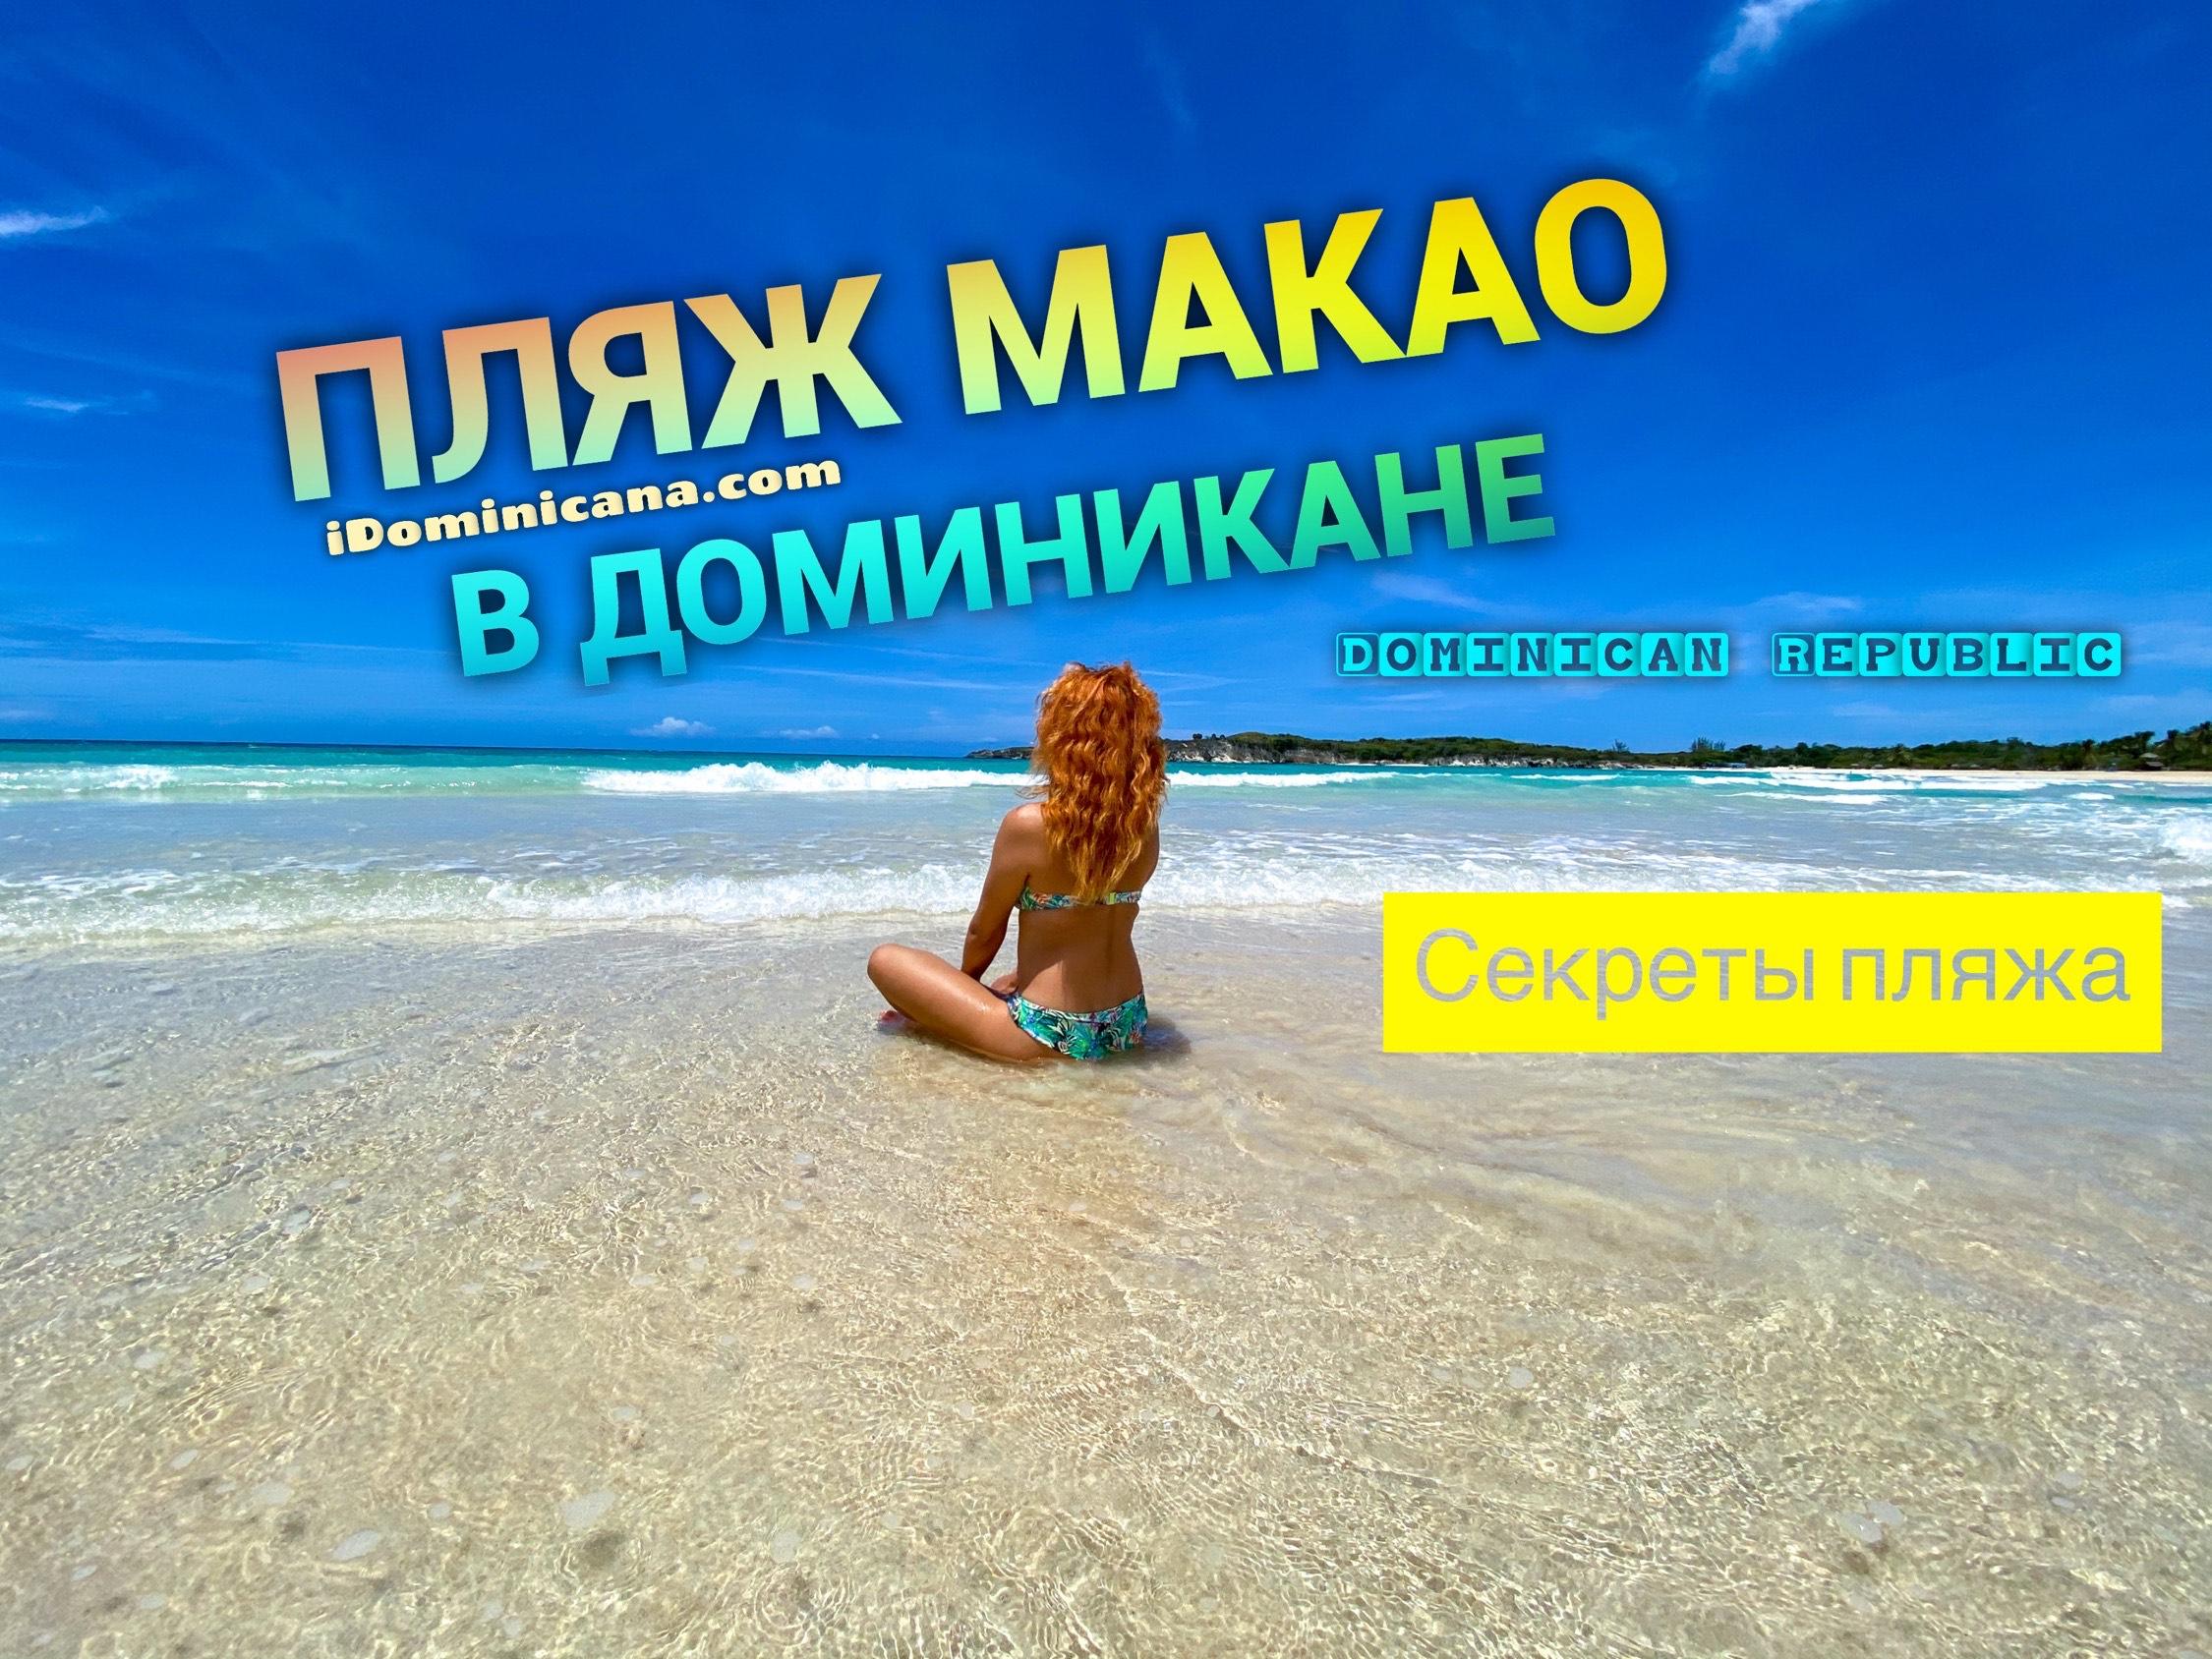 Новое видео на нашем канале: пляж Макао. Смотрим!